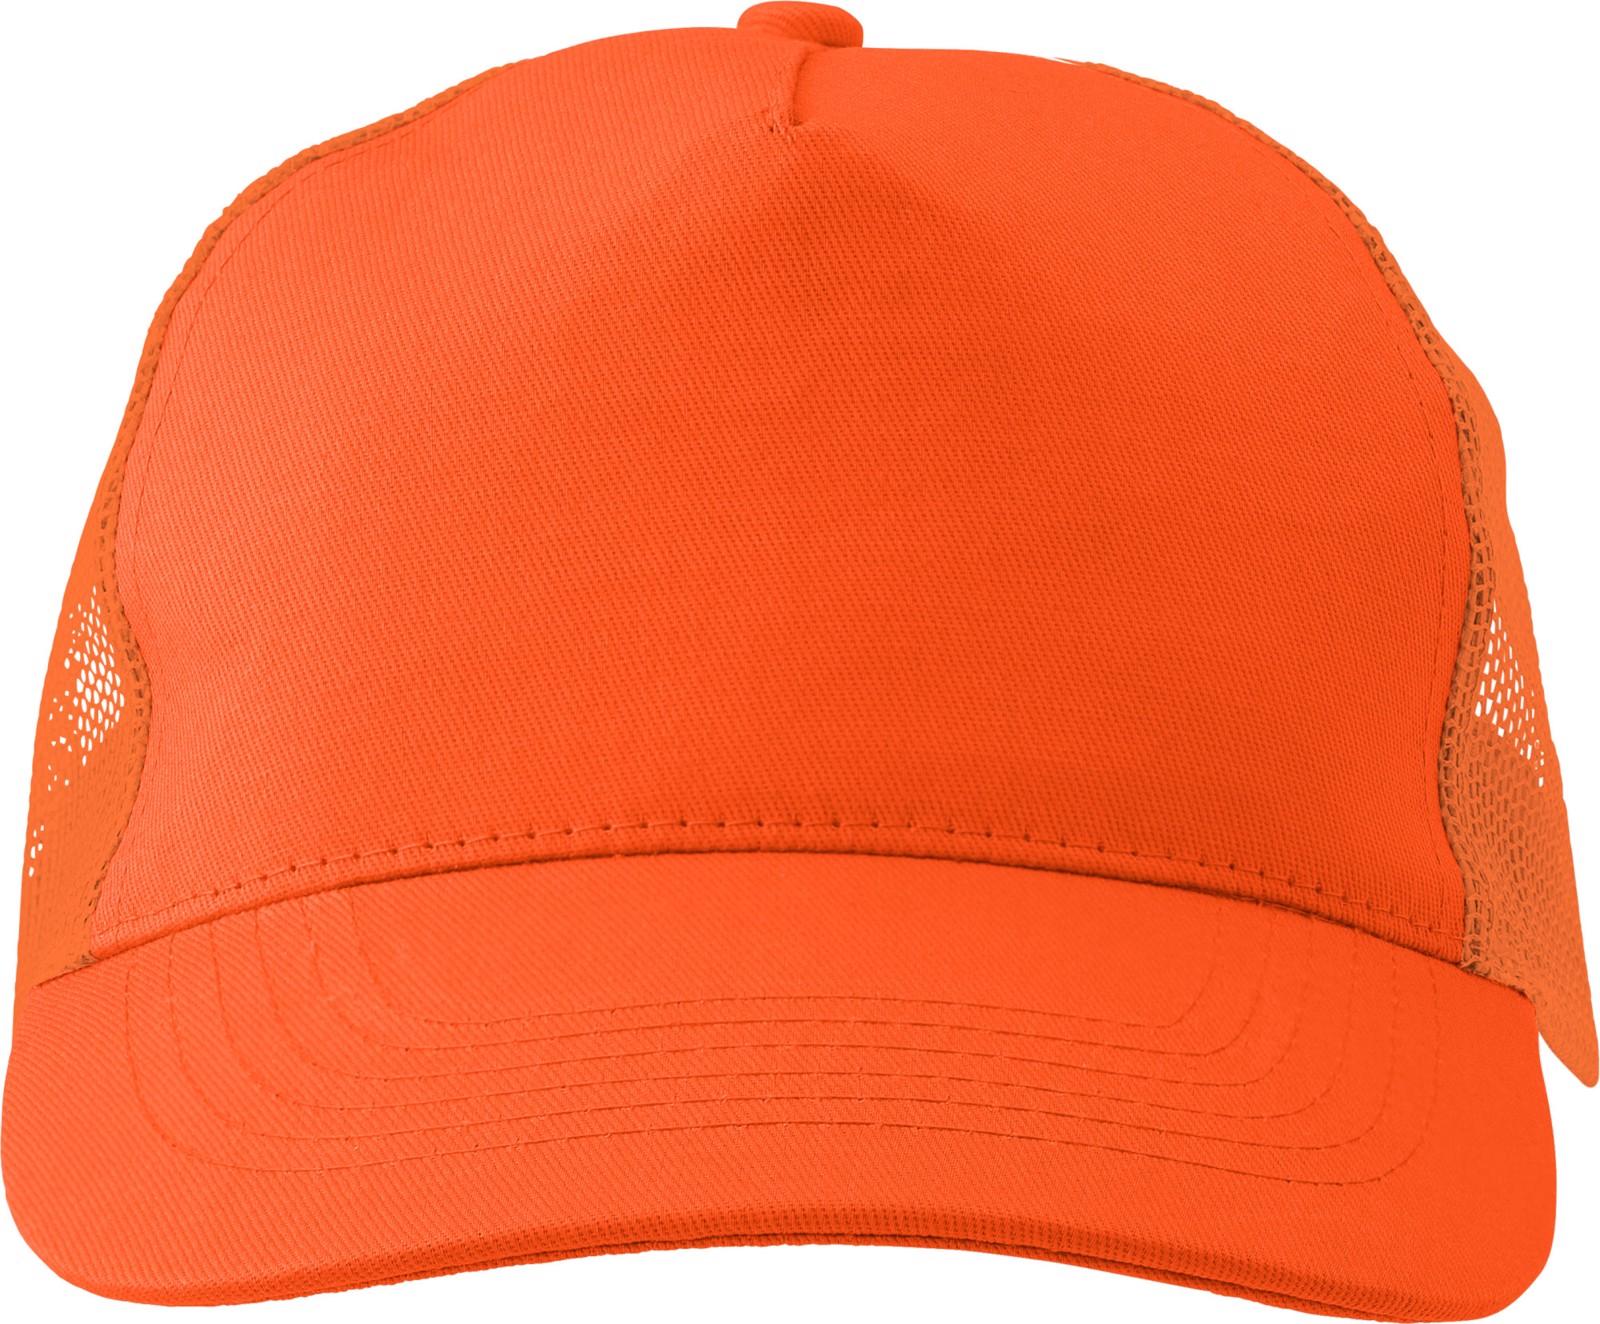 Cotton twill and plastic cap - Orange